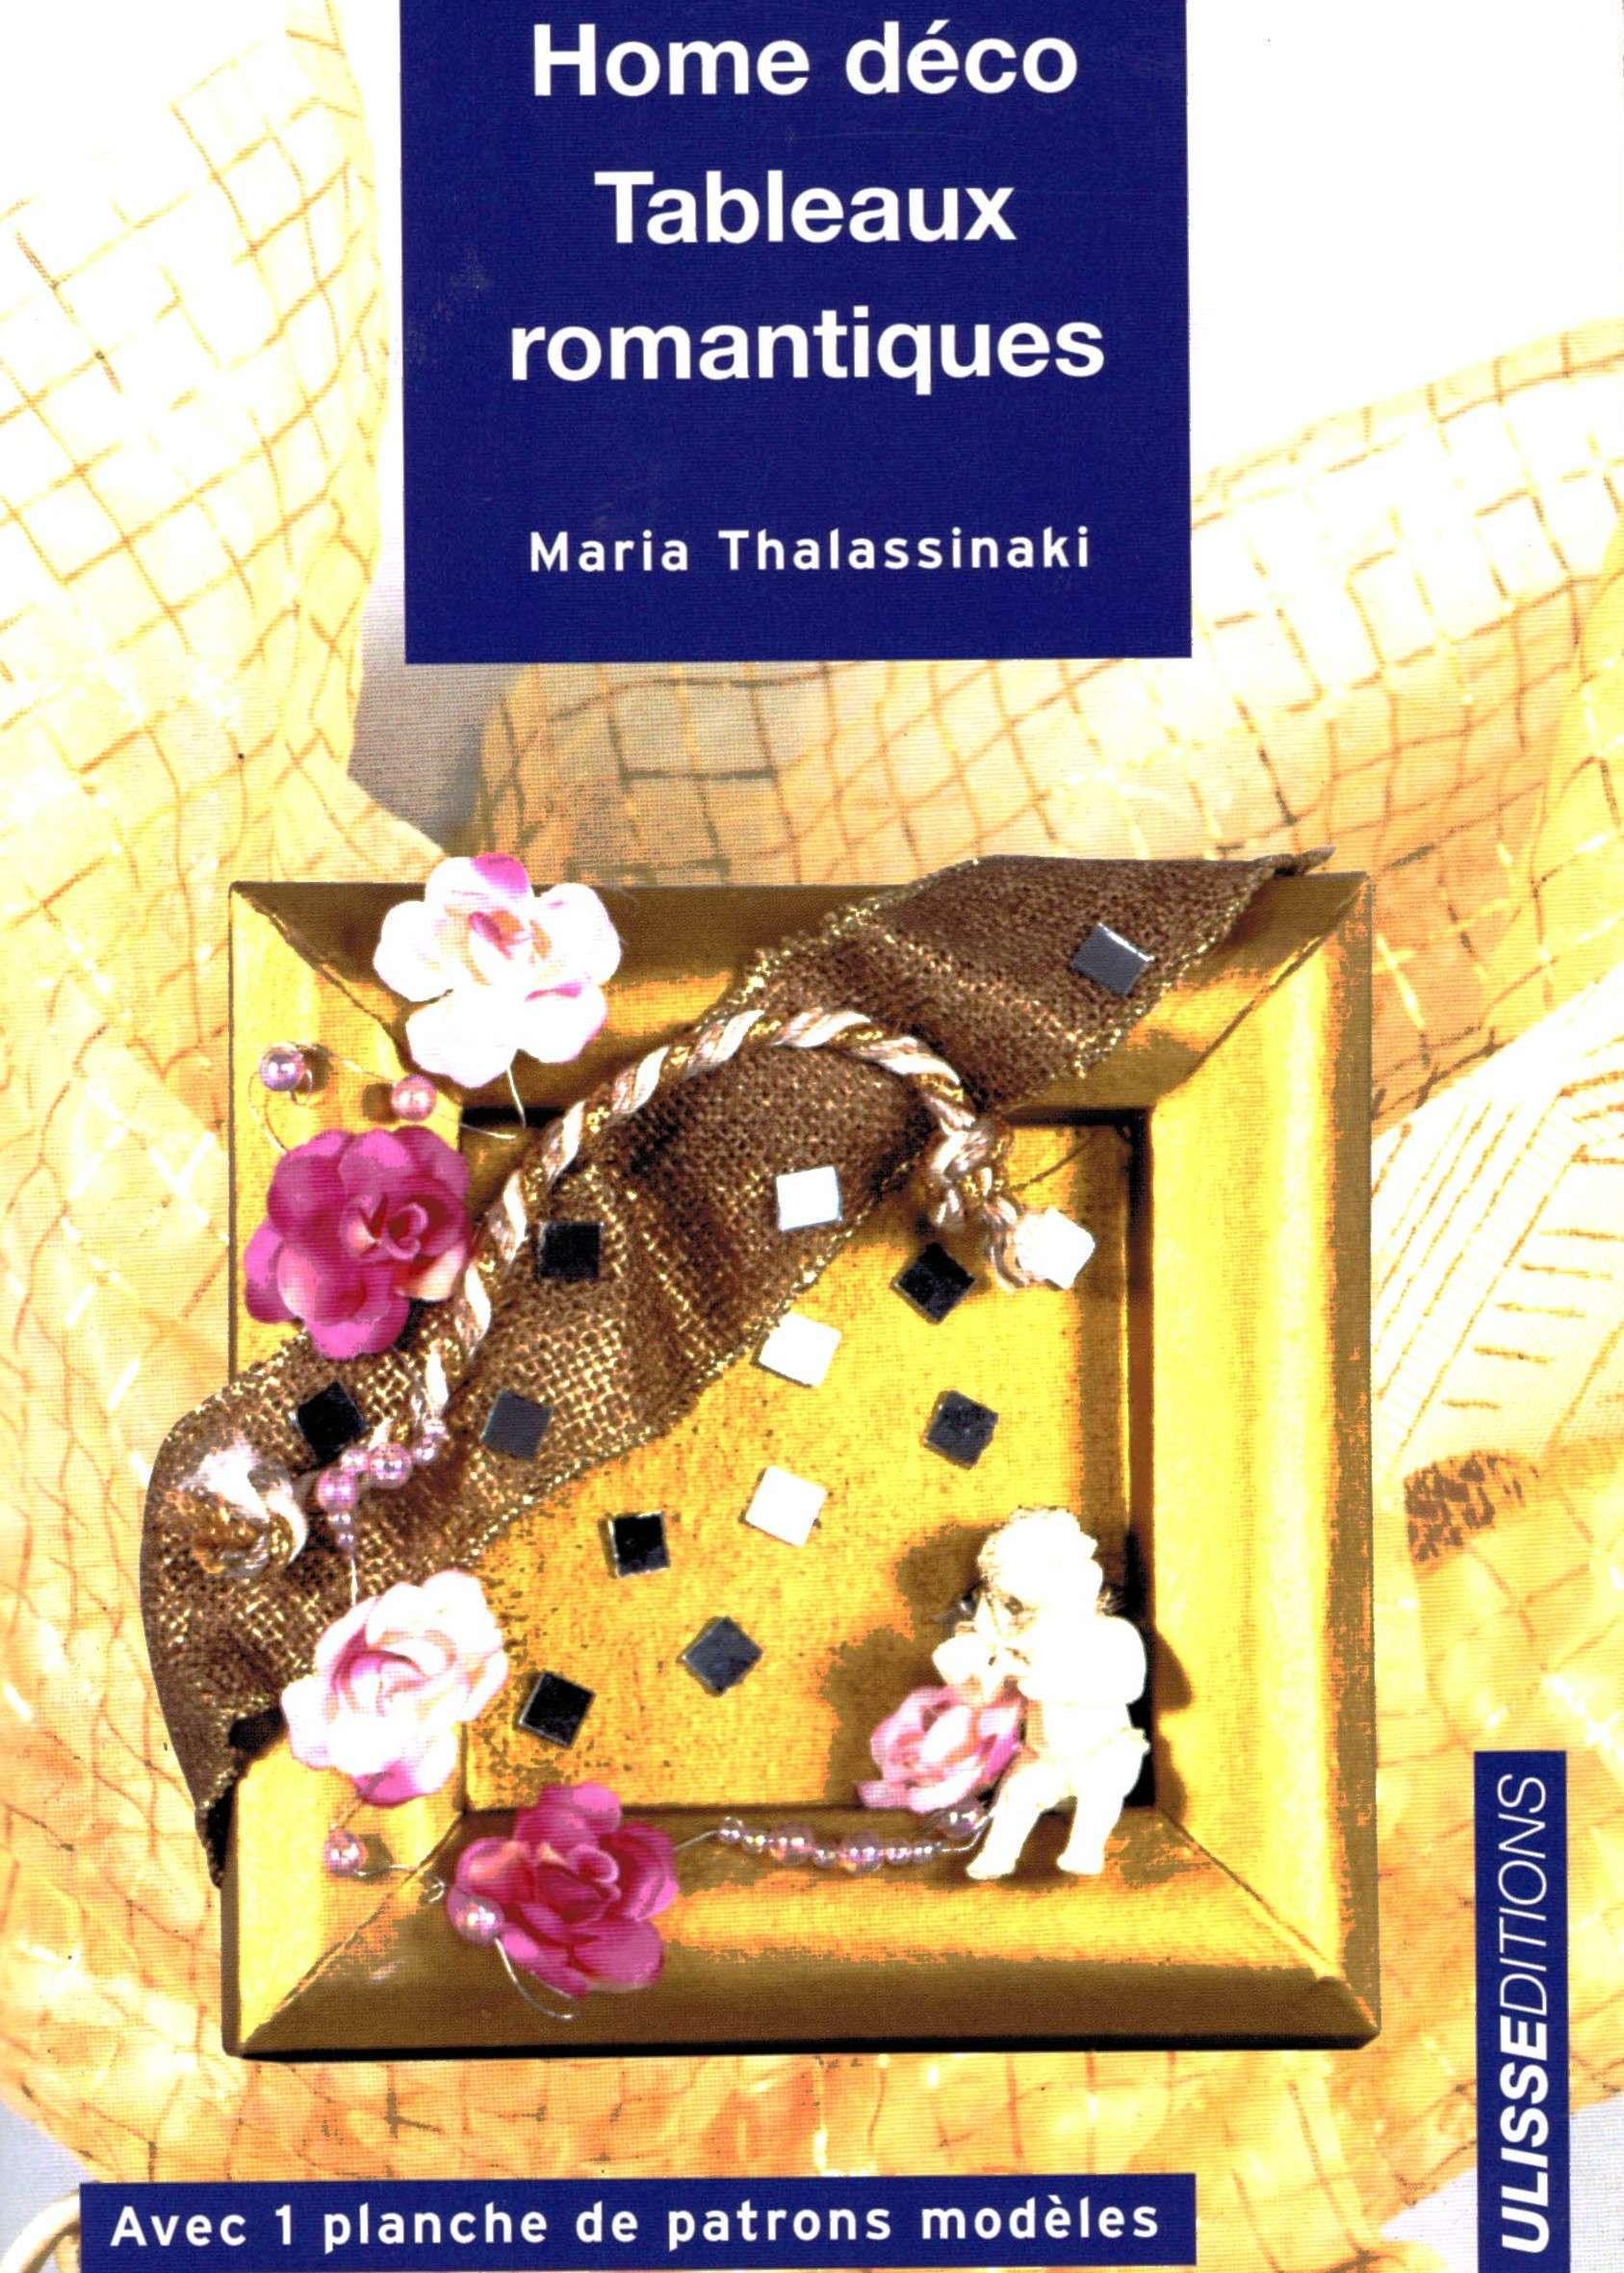 livre sur la décoration en tableaux romantiques